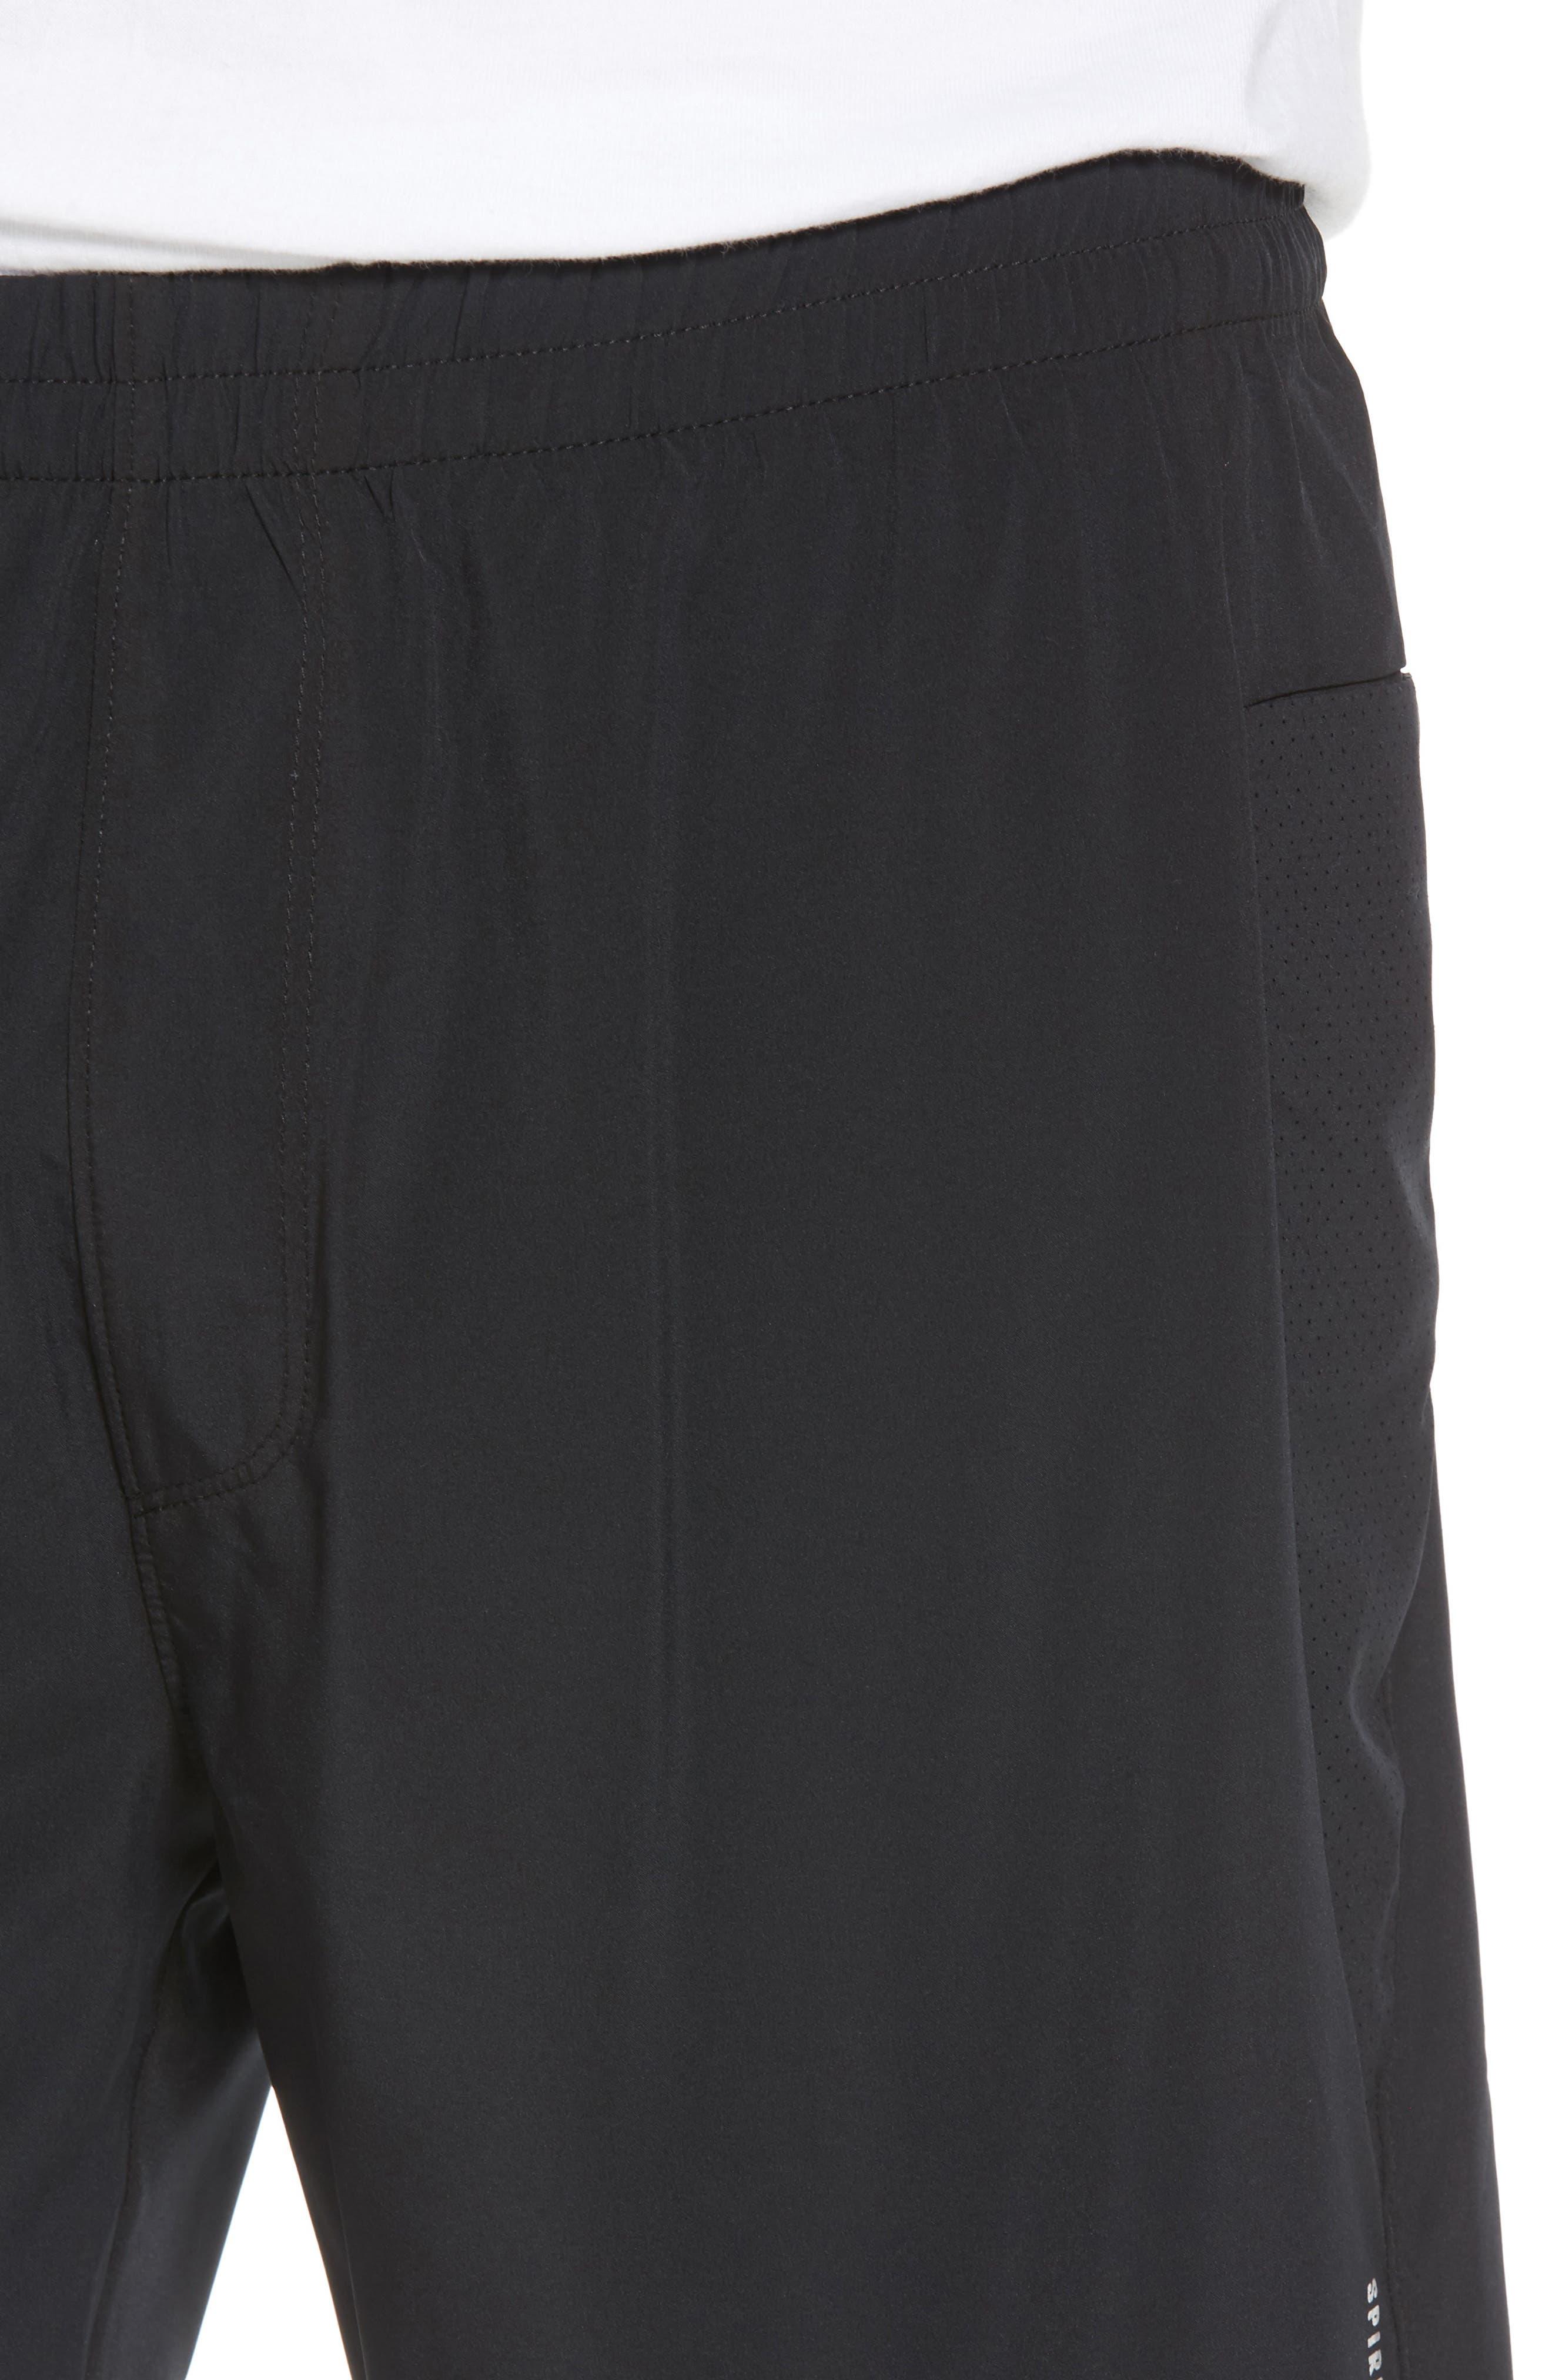 Ignite Shorts,                             Alternate thumbnail 4, color,                             001